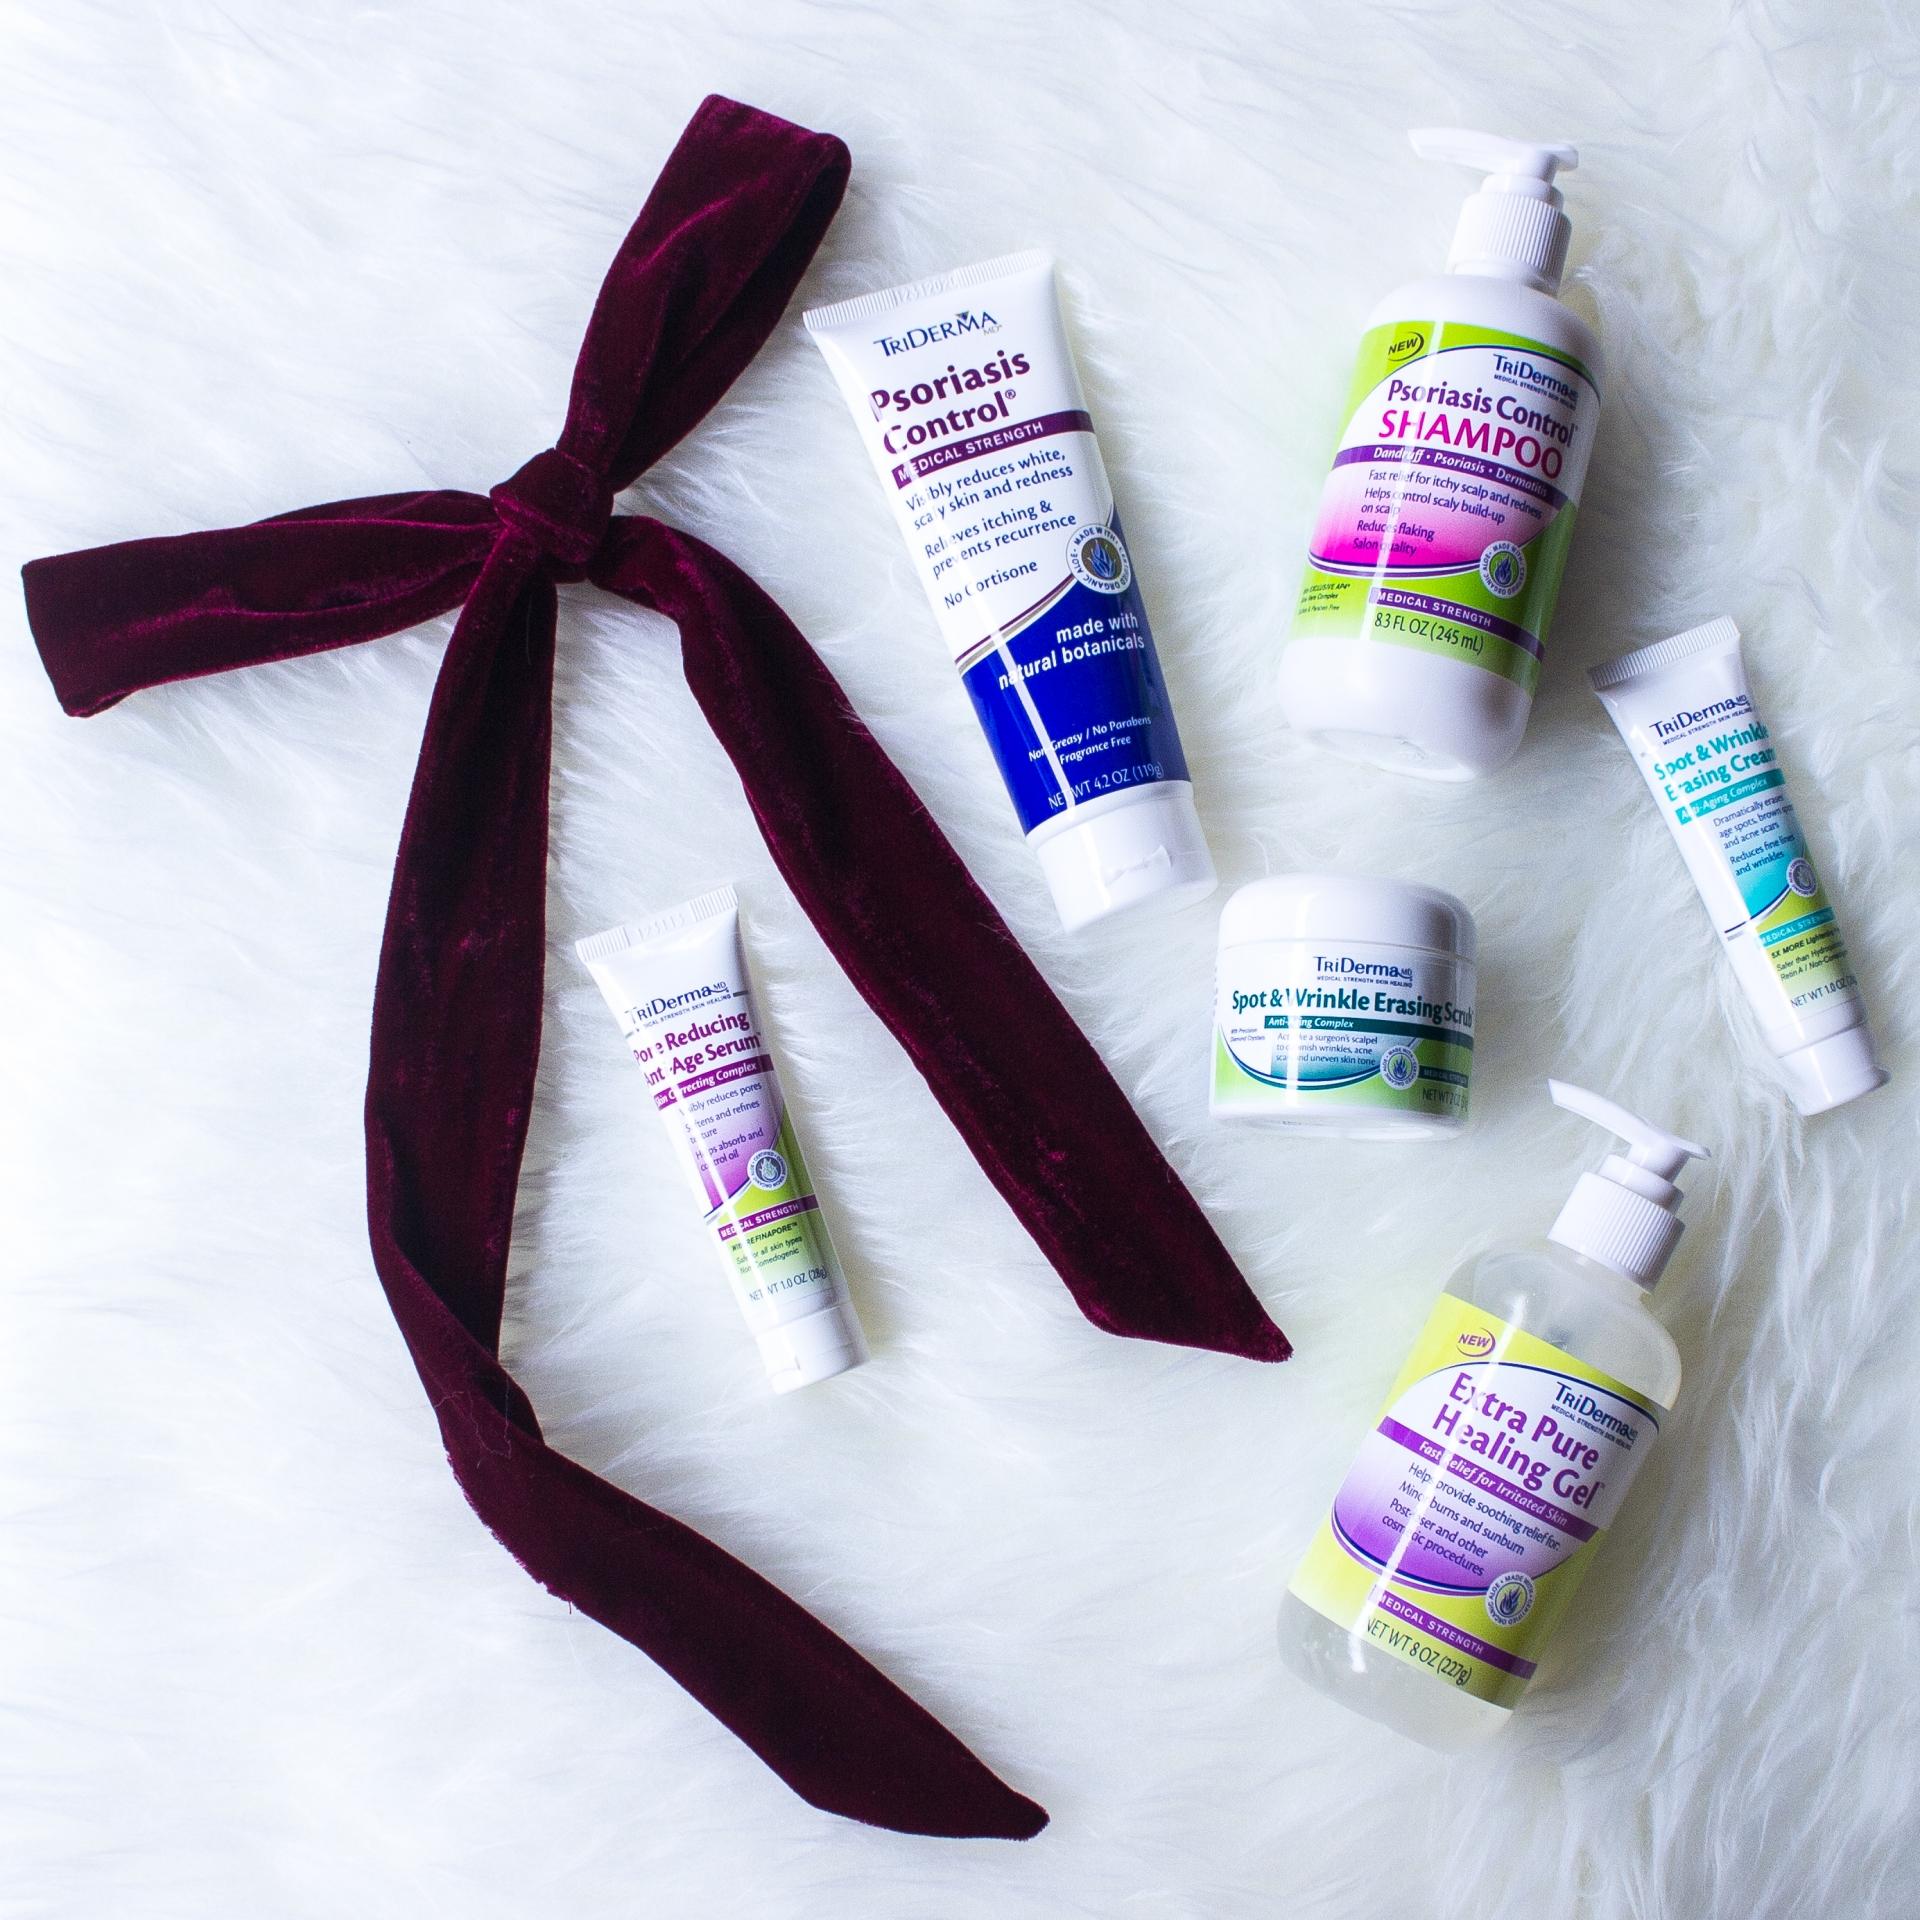 Botanical Based Skin Care